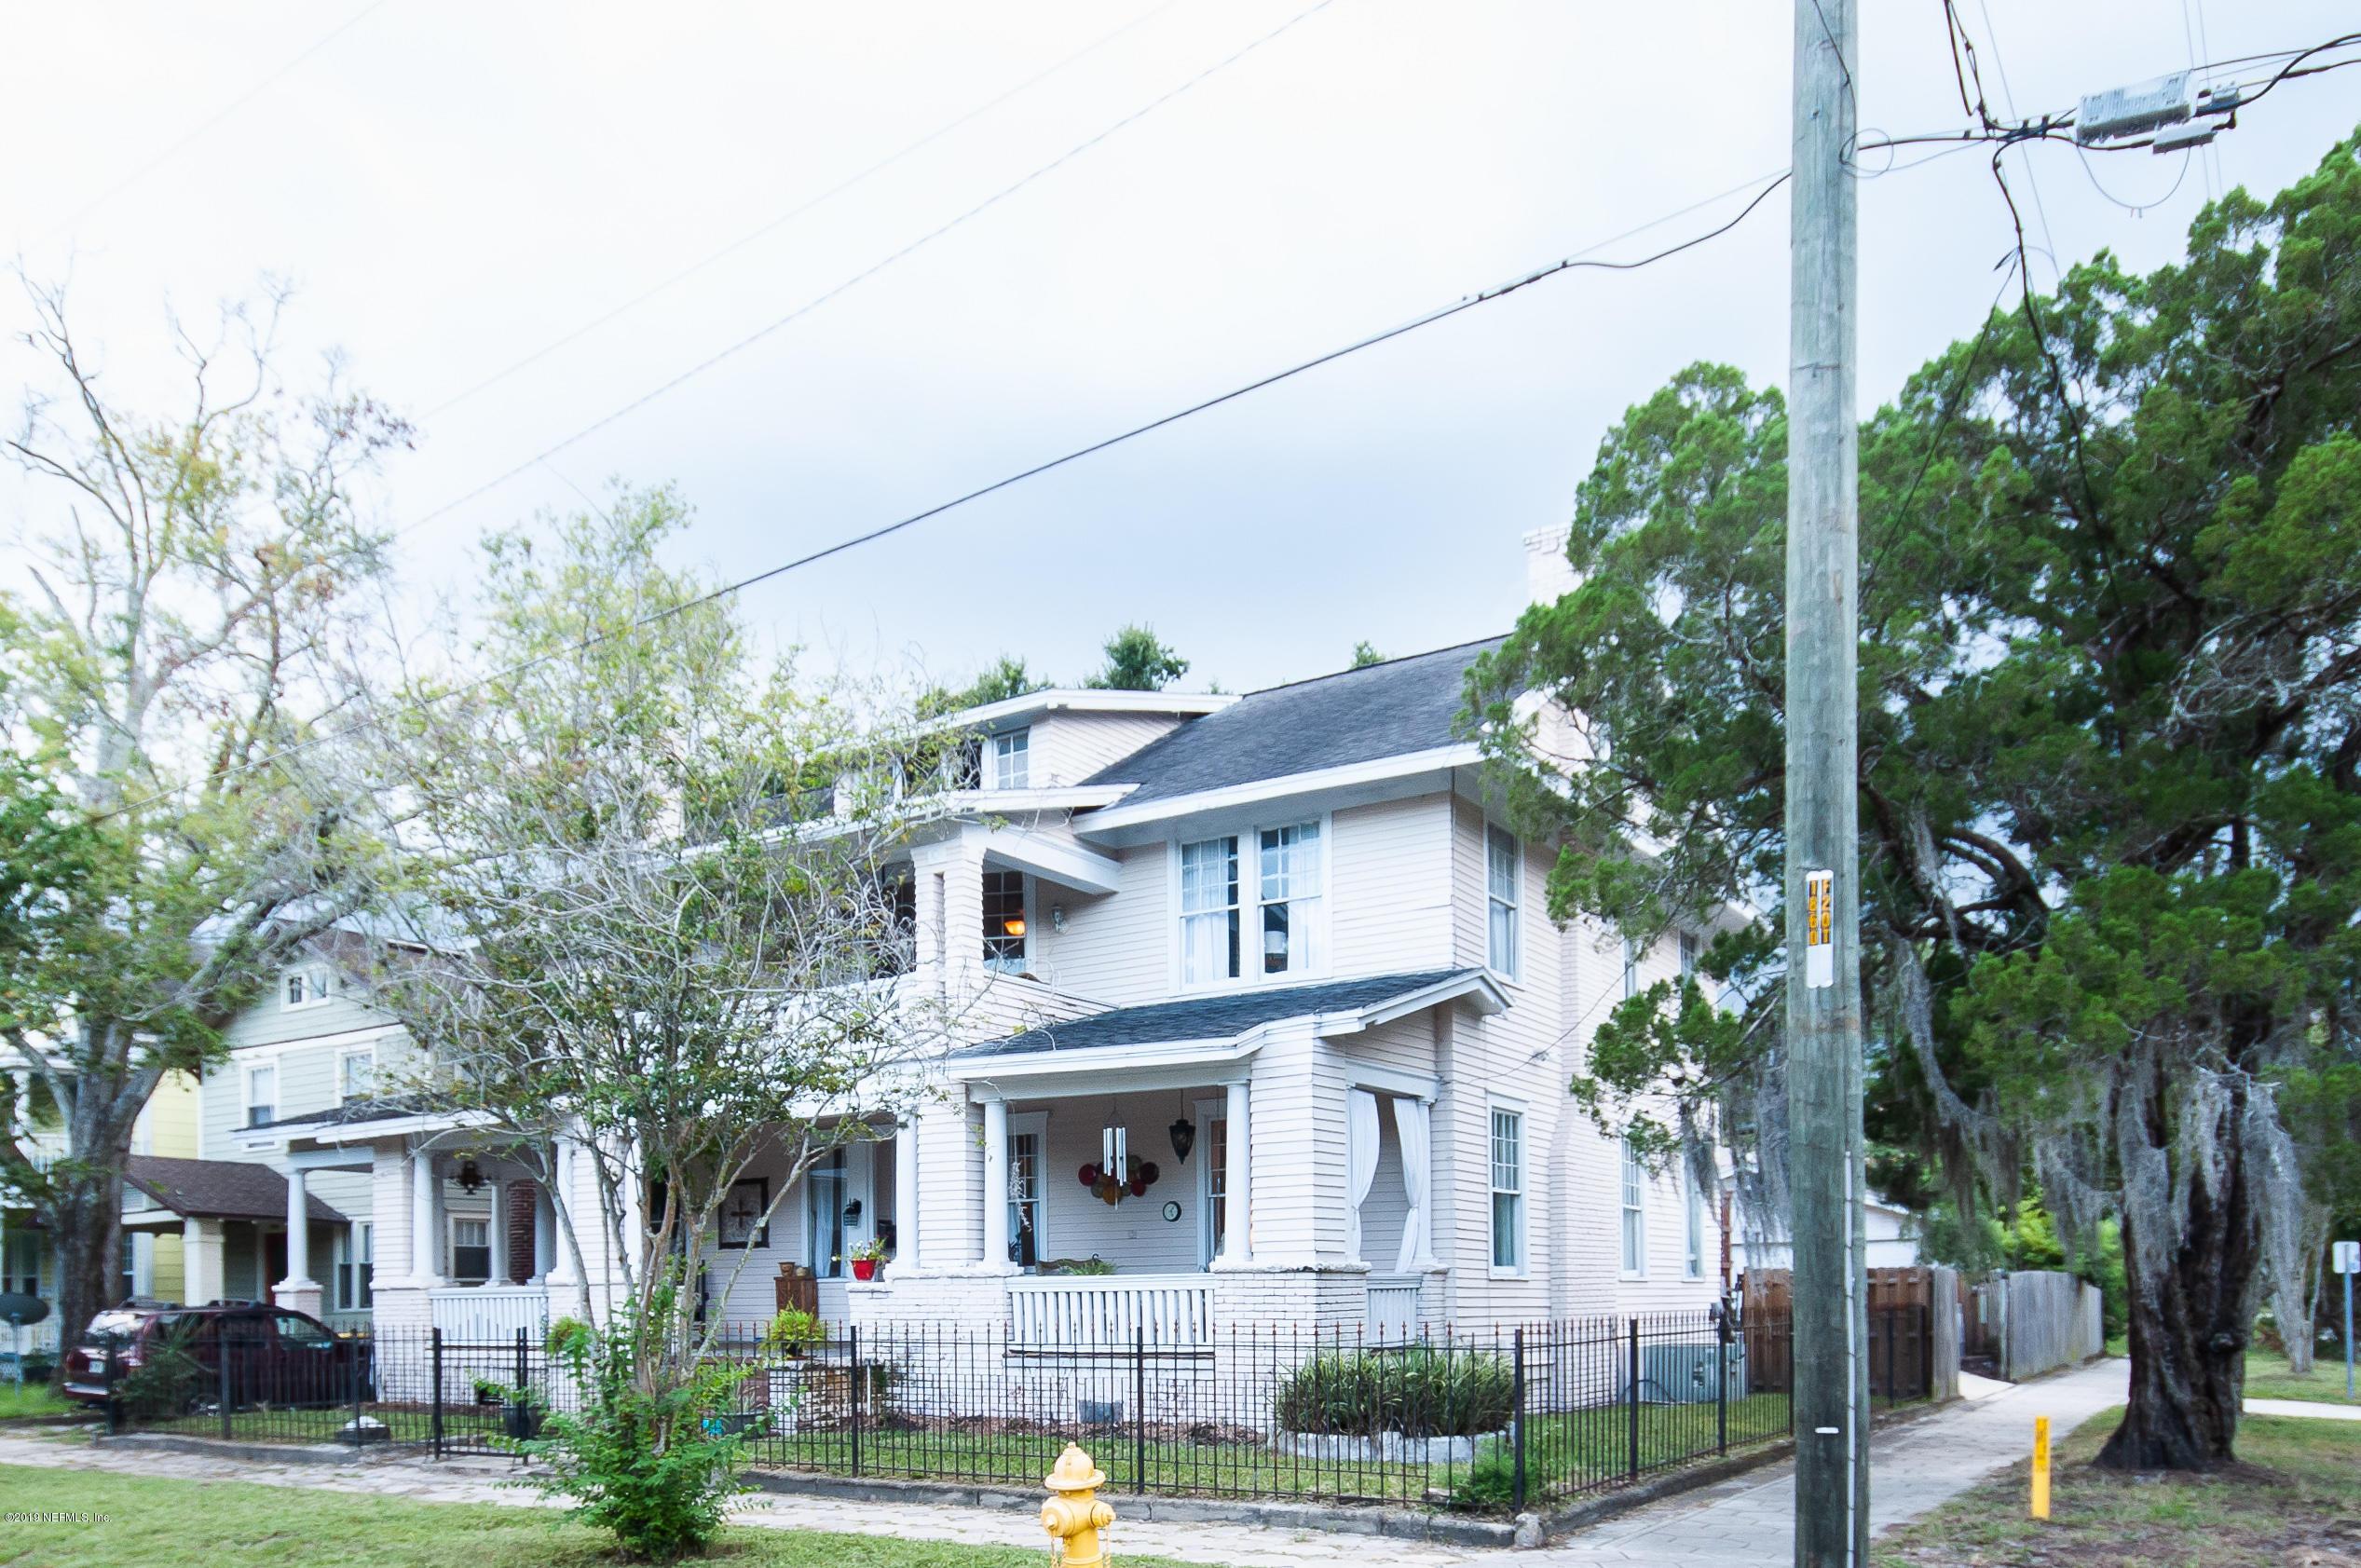 1848 N Laura St Jacksonville, FL 32206